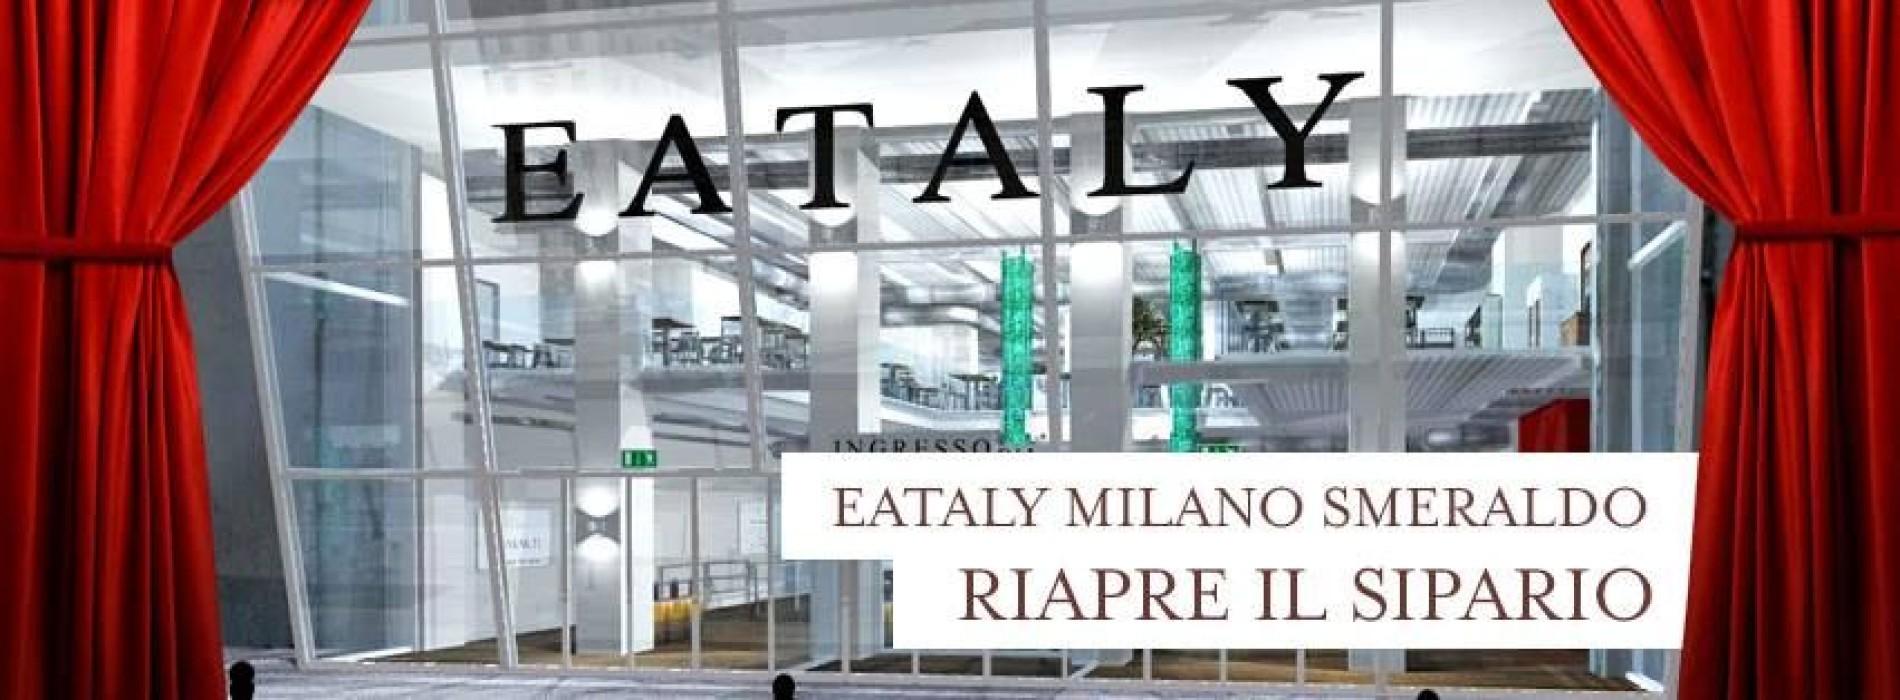 """Eataly raddoppia a Roma, in piazza della Repubblica, e apre """"Eataly Milano Smeraldo"""" il 18 marzo"""